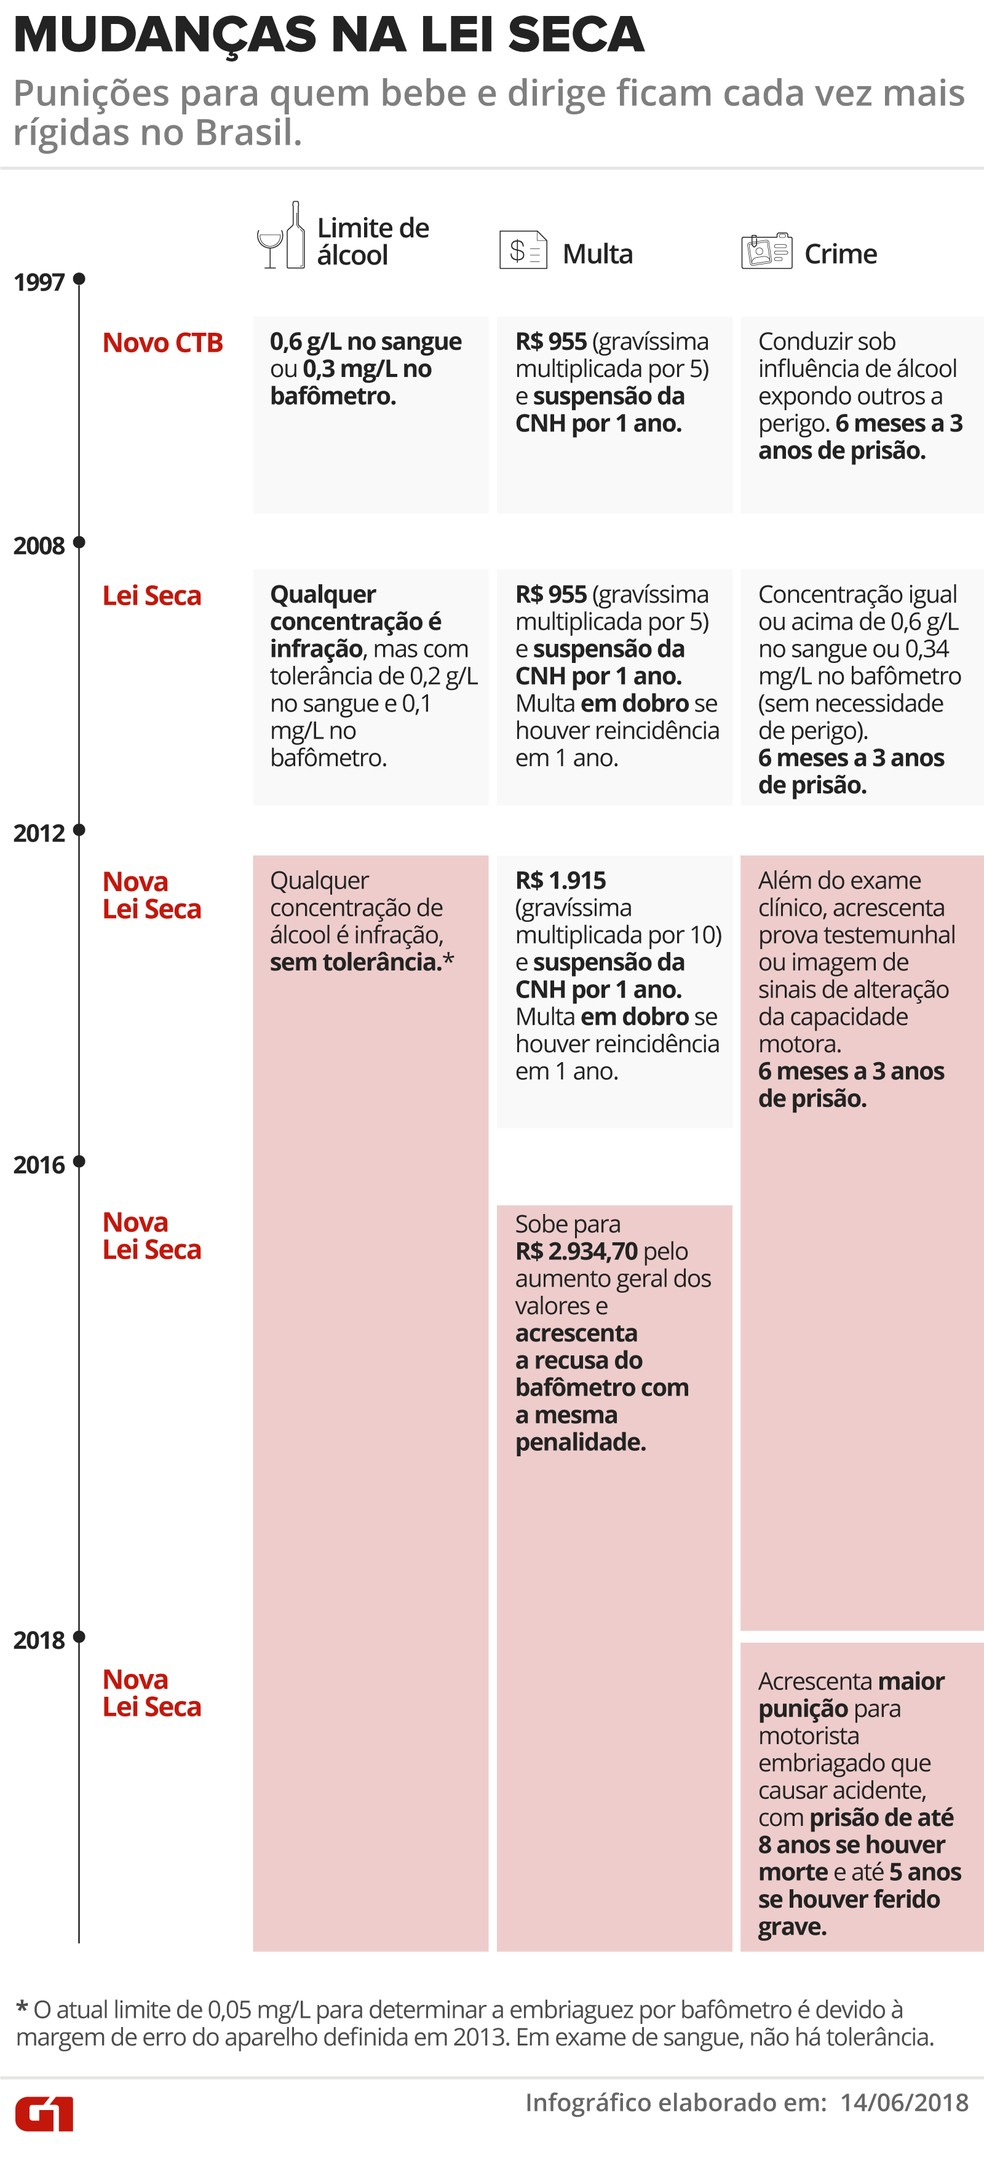 Mudanças na Lei Seca, infográfico elaborado em 14/06/2018 — Foto: Arte/G1